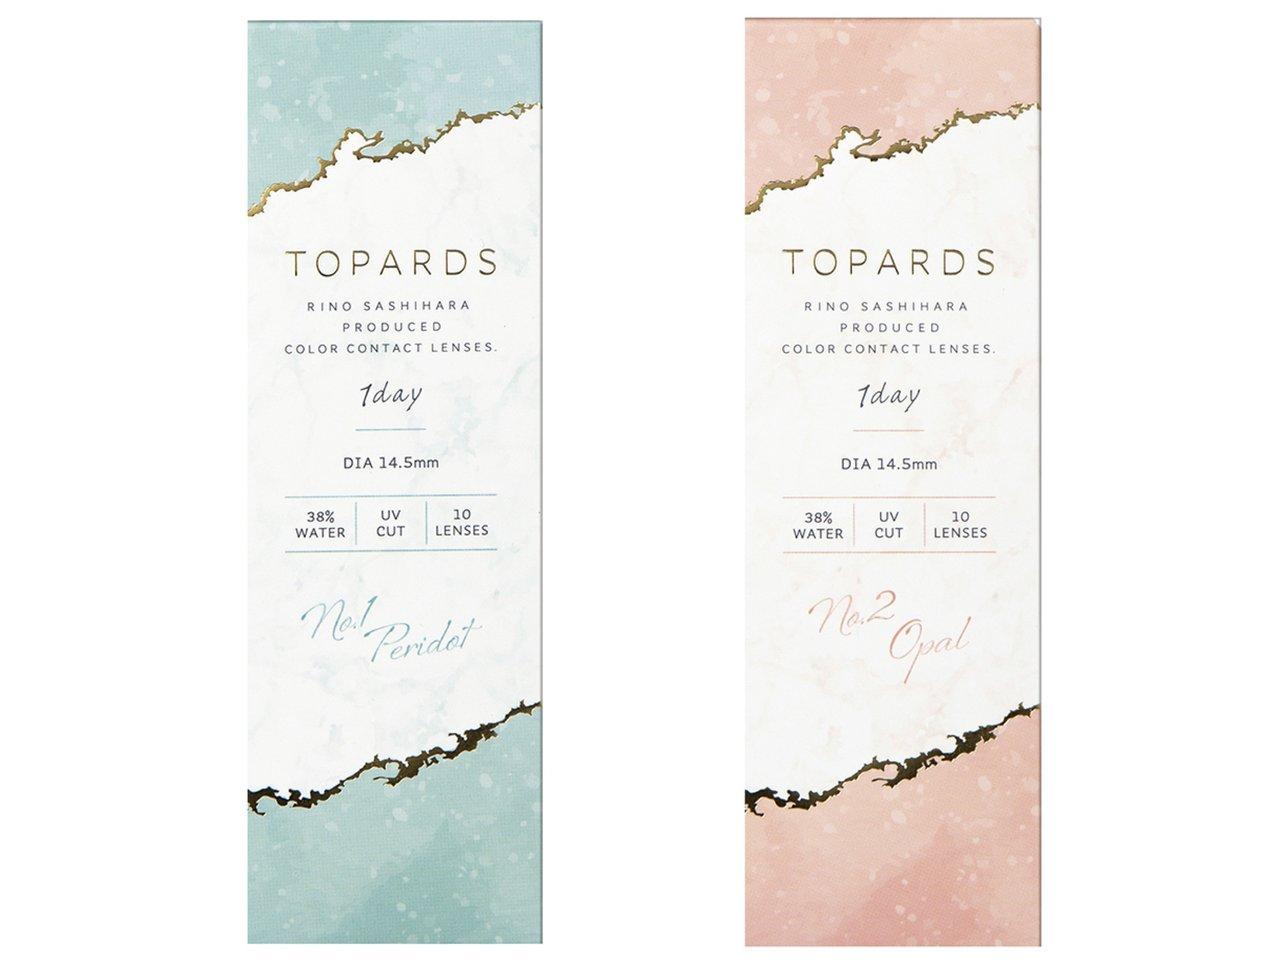 指原莉乃プロデュースの激売れカラコン! 「TOPARDS」からついに新色2色が発売♥︎